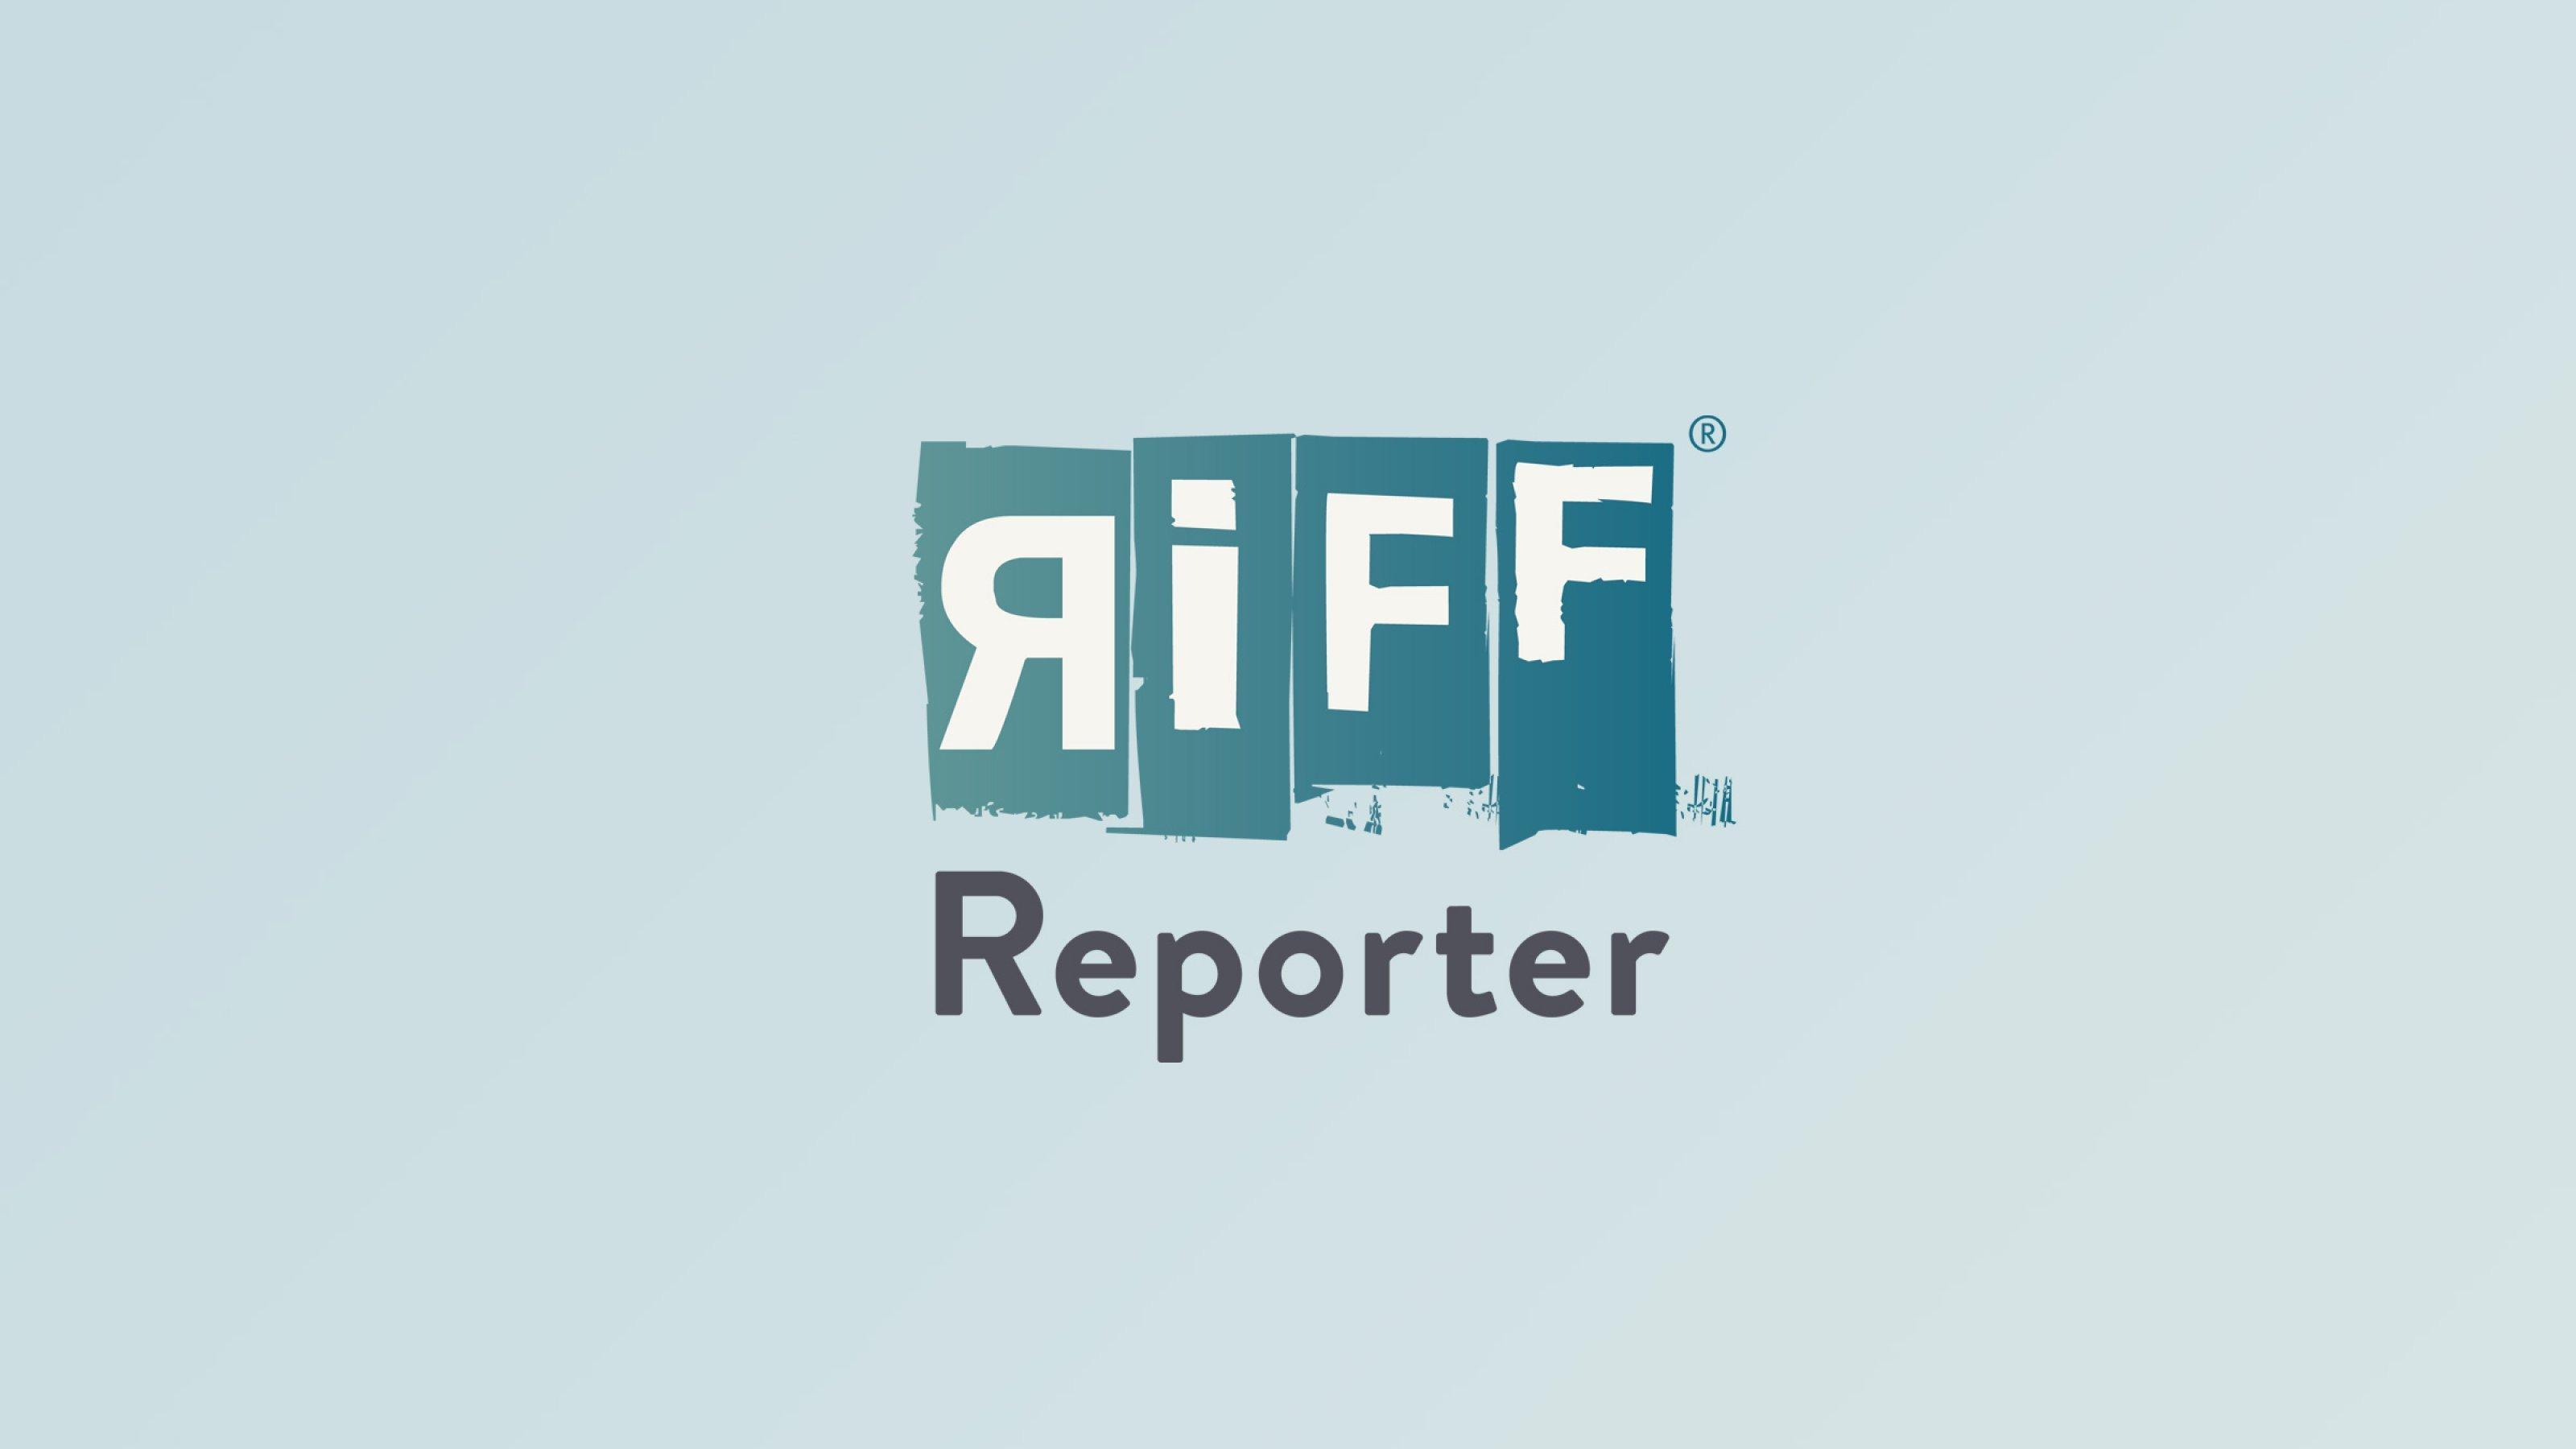 Ein Portraitfoto von der Journalistin Julica Jungehülsing